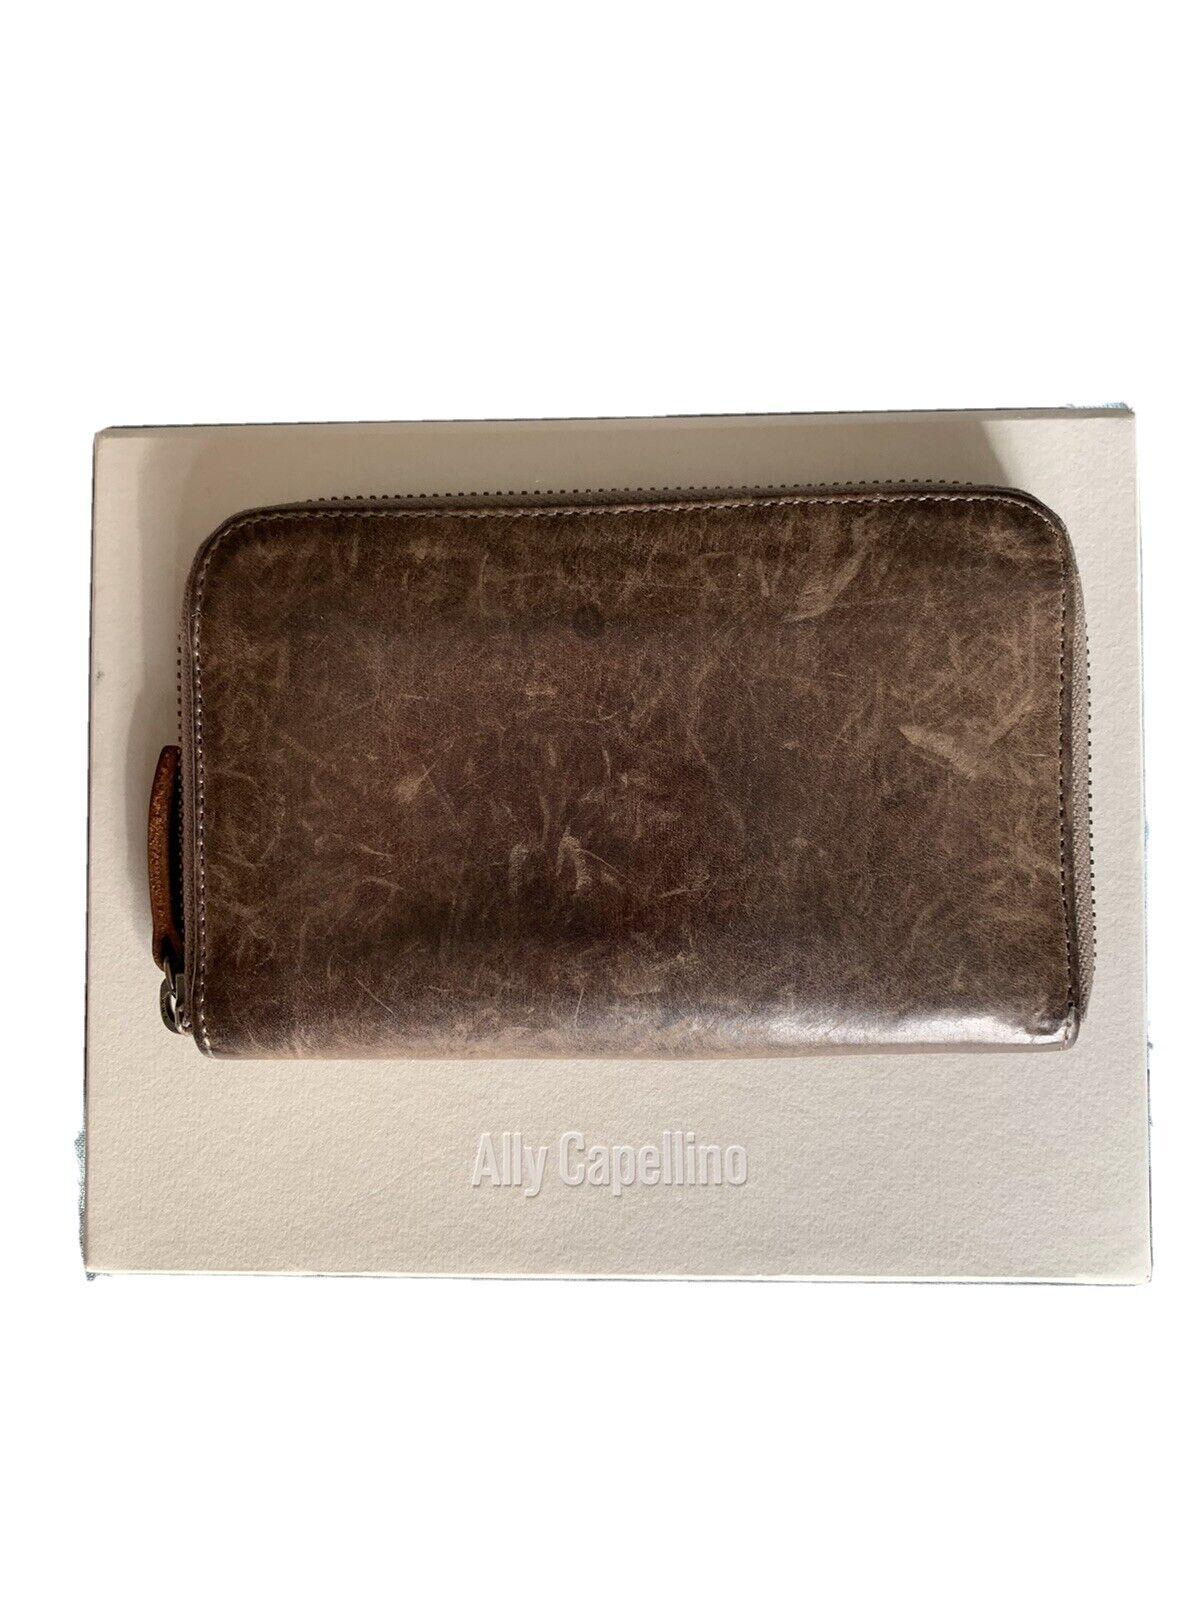 Ally Capellino Purse Grey